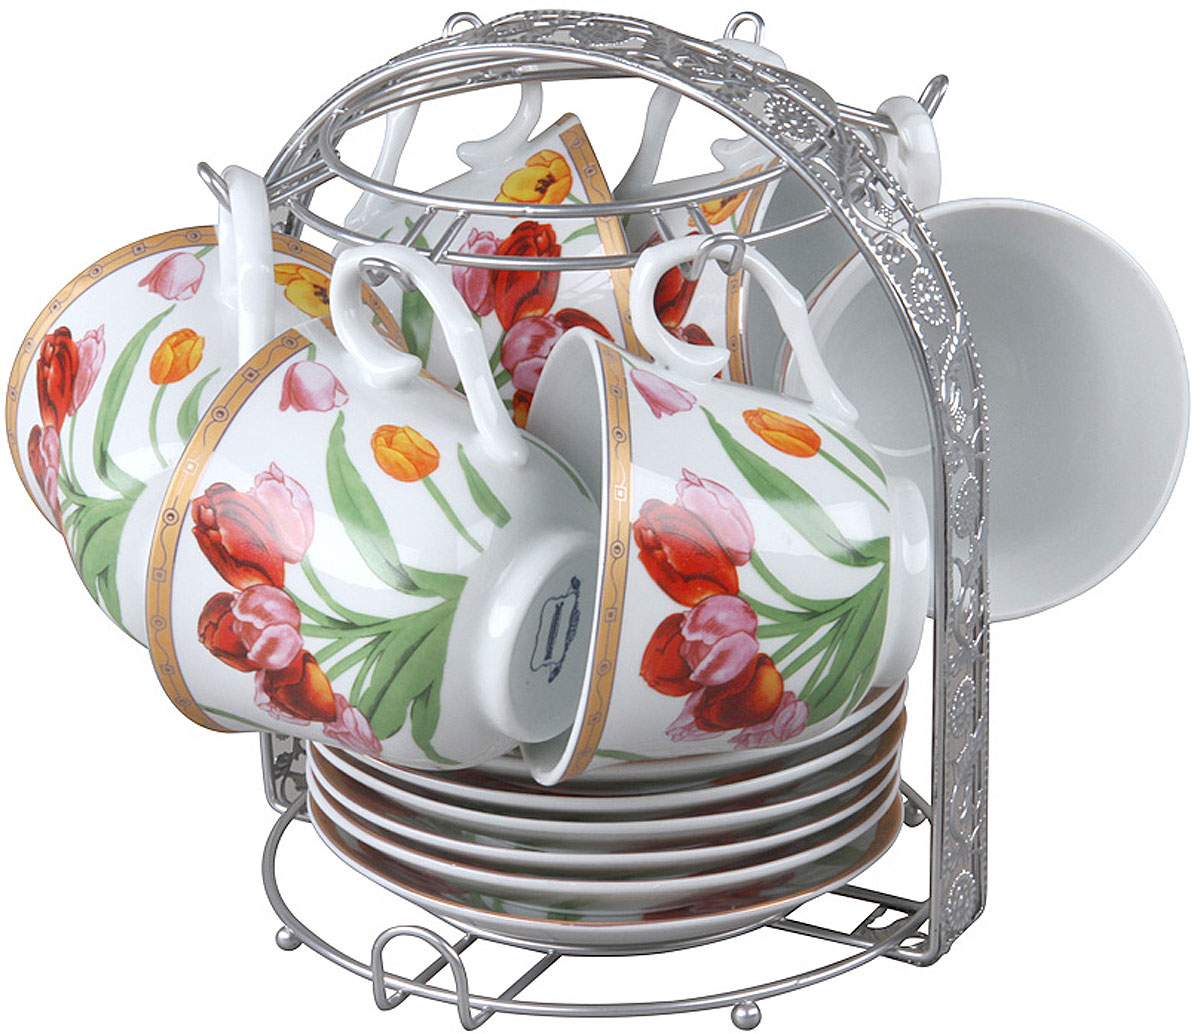 Чайный набор Rosenberg RPO-115020-13 изготовлен из фарфора и дополнен дизайнерским рисунком.  Посуда из этого материала позволяет максимально сохранить полезные свойства и вкусовые качества воды.  Заварите крепкий, ароматный чай или кофе в представленном наборе, и вы получите заряд бодрости, позитива и энергии на весь день! Классическая форма и насыщенная цветовая гамма изделий позволят наслаждаться любимым напитком в атмосфере еще большей гармонии и эмоциональной наполненности.  Оцените преимущества чайного набора: Выполнен из качественного материала.  Украшен цветочным узором, поэтому не останется незамеченным.  Является прекрасным подарком для ваших родных и близких.  В комплект входят 13 предметов, включая подставку.  О бренде Rosenberg Огромный ассортимент продукции, качественные материалы и ценовая доступность это основополагающие принципы успеха данного торгового знака на Российском рынке.  По данным начала 2009 года именно Rosenberg являлся самым динамично развивающимся брендом, который всего за 4 года вывел в продажу более 2,5 тысяч наименований товаров.